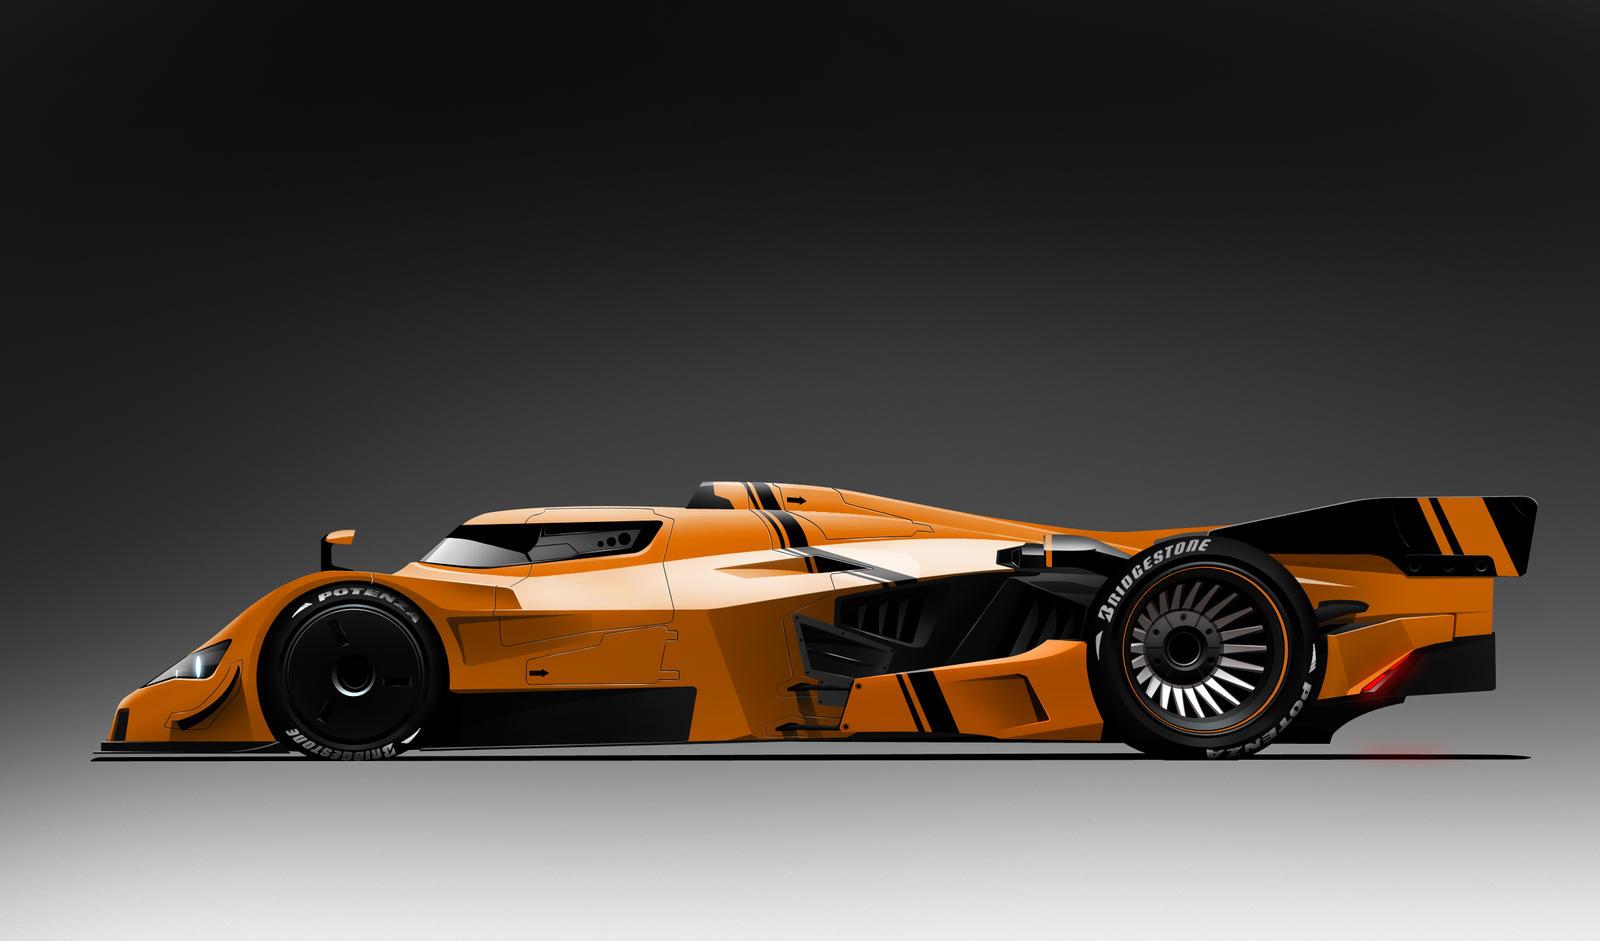 future car by KarayaOne on DeviantArt